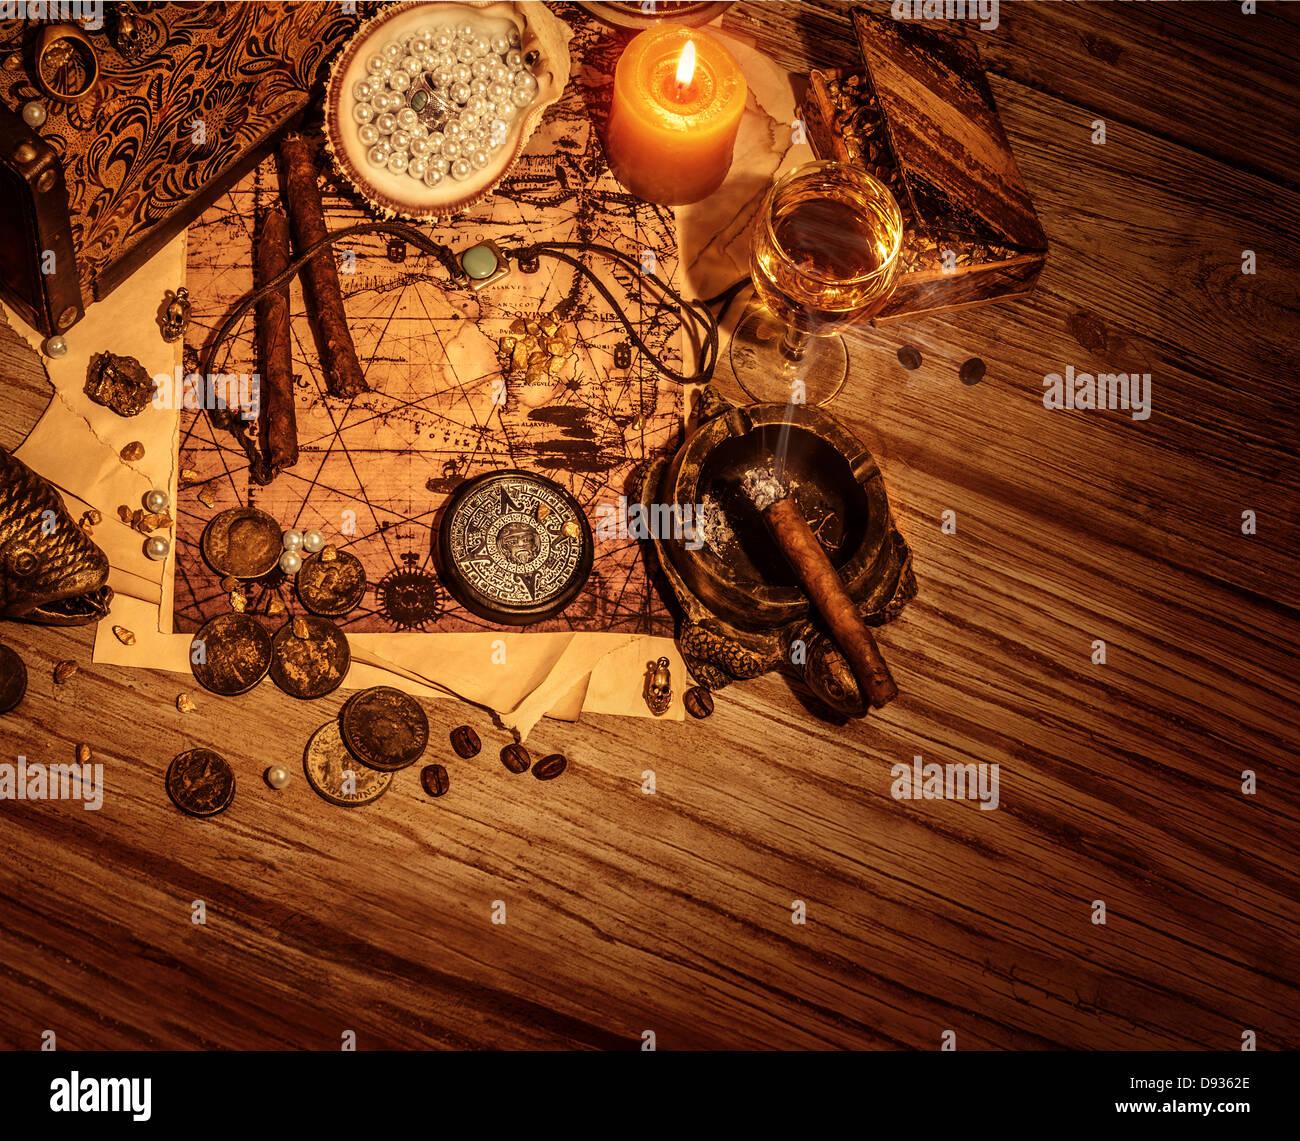 Frontière de pirates booty sur fond de bois, trésors volés la vie toujours sur la table dans la salle Photo Stock